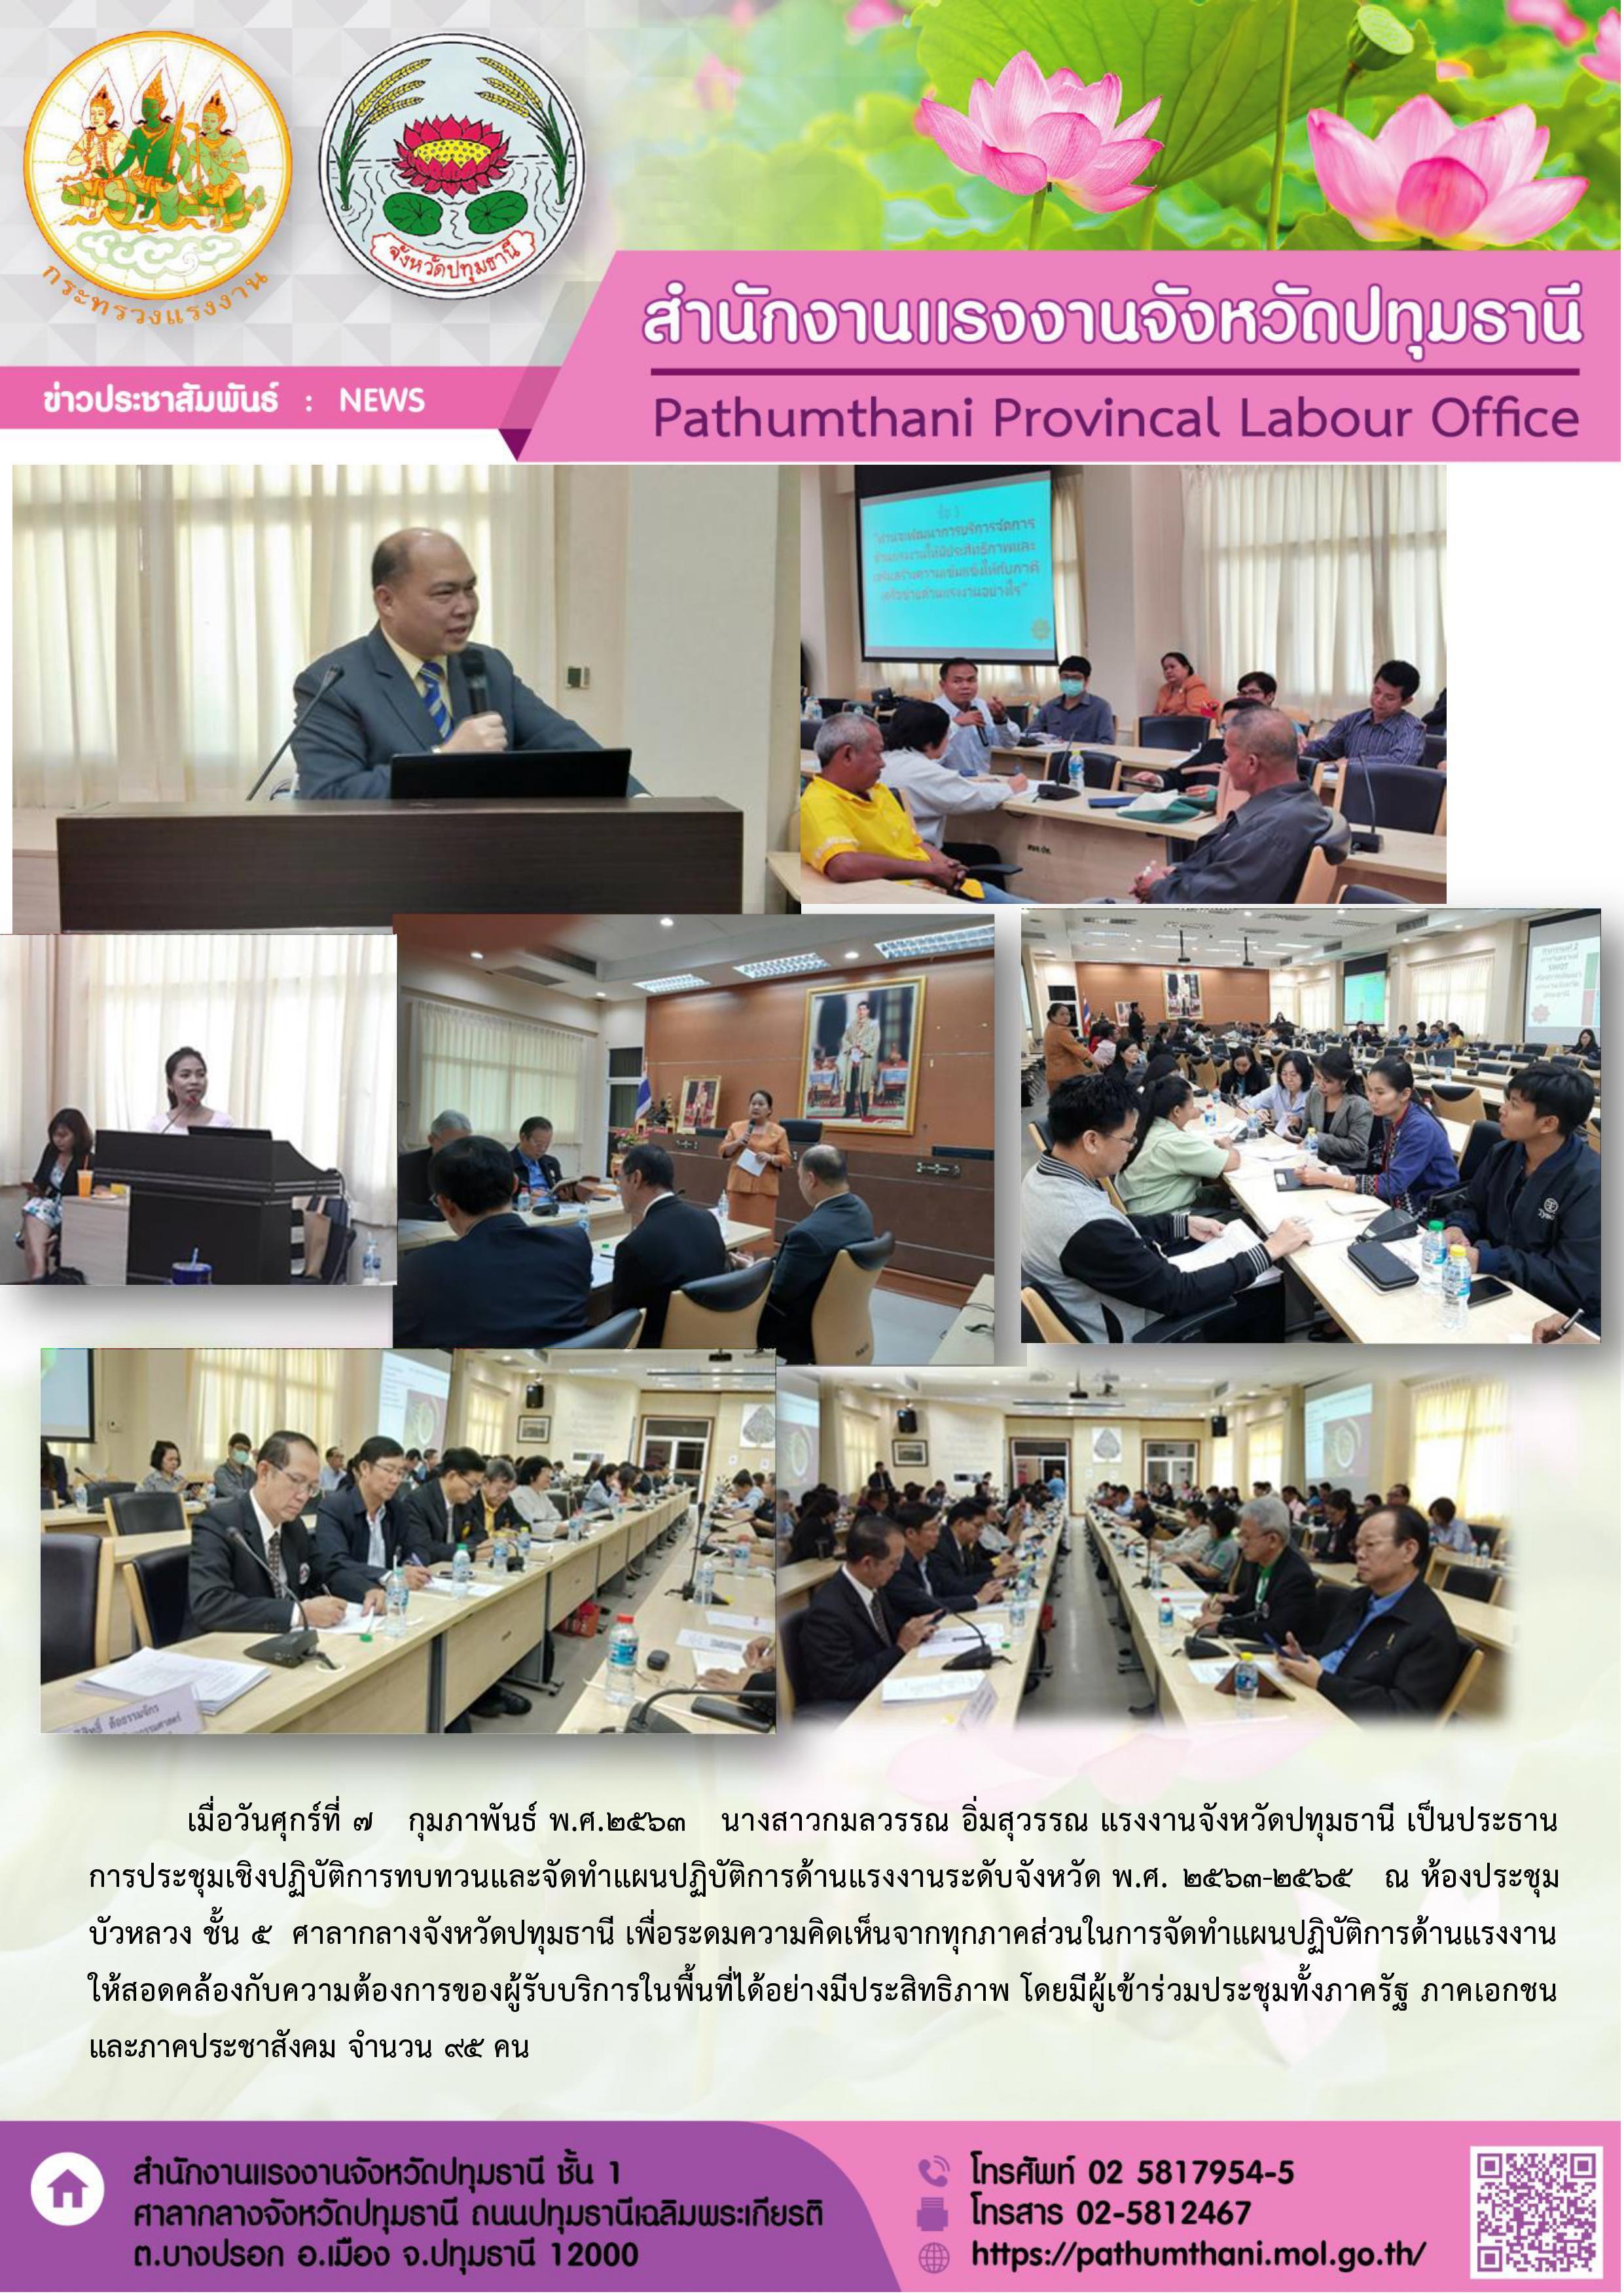 สำนักงานแรงงานจังหวัดปทุมธานีจัดประชุมเชิงปฏิบัติการเพื่อกำหนดทิศทางการจัดทำแผนปฏิบัติการด้านแรงงาน